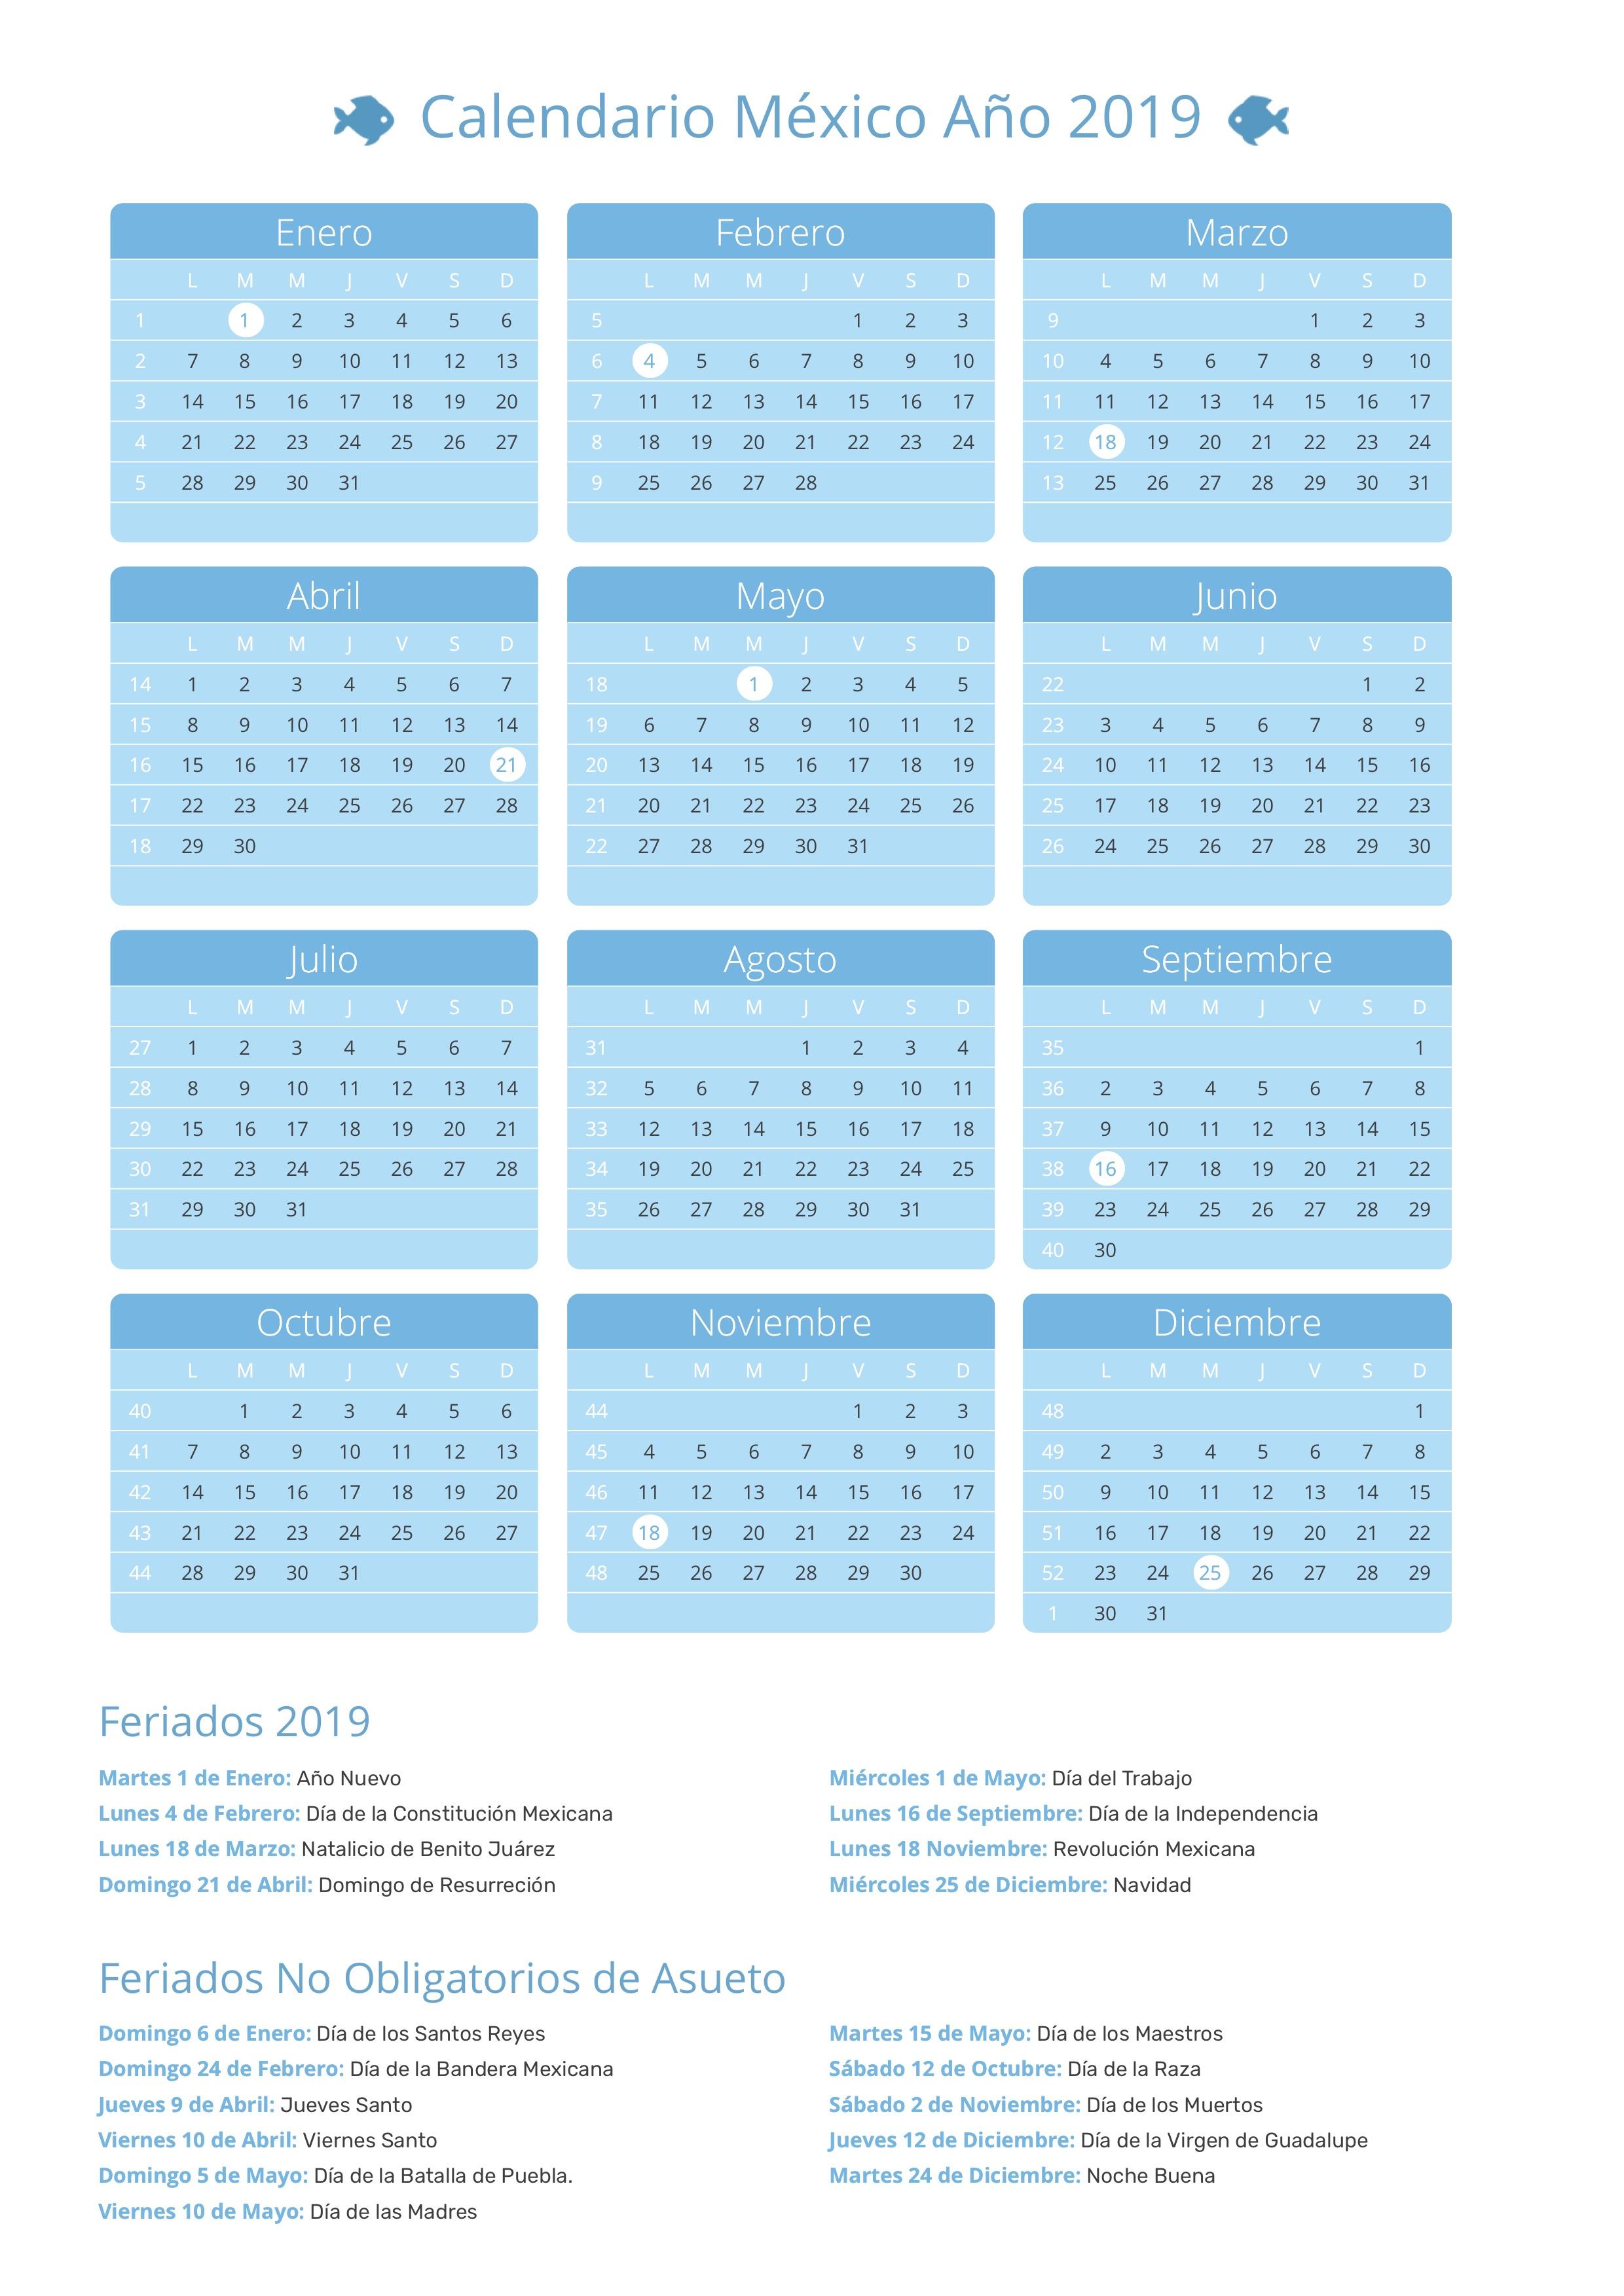 Calendario 2020 Mexico Con Dias Festivos Para Imprimir.Calendario De Mexico Ano 2019 Feriados